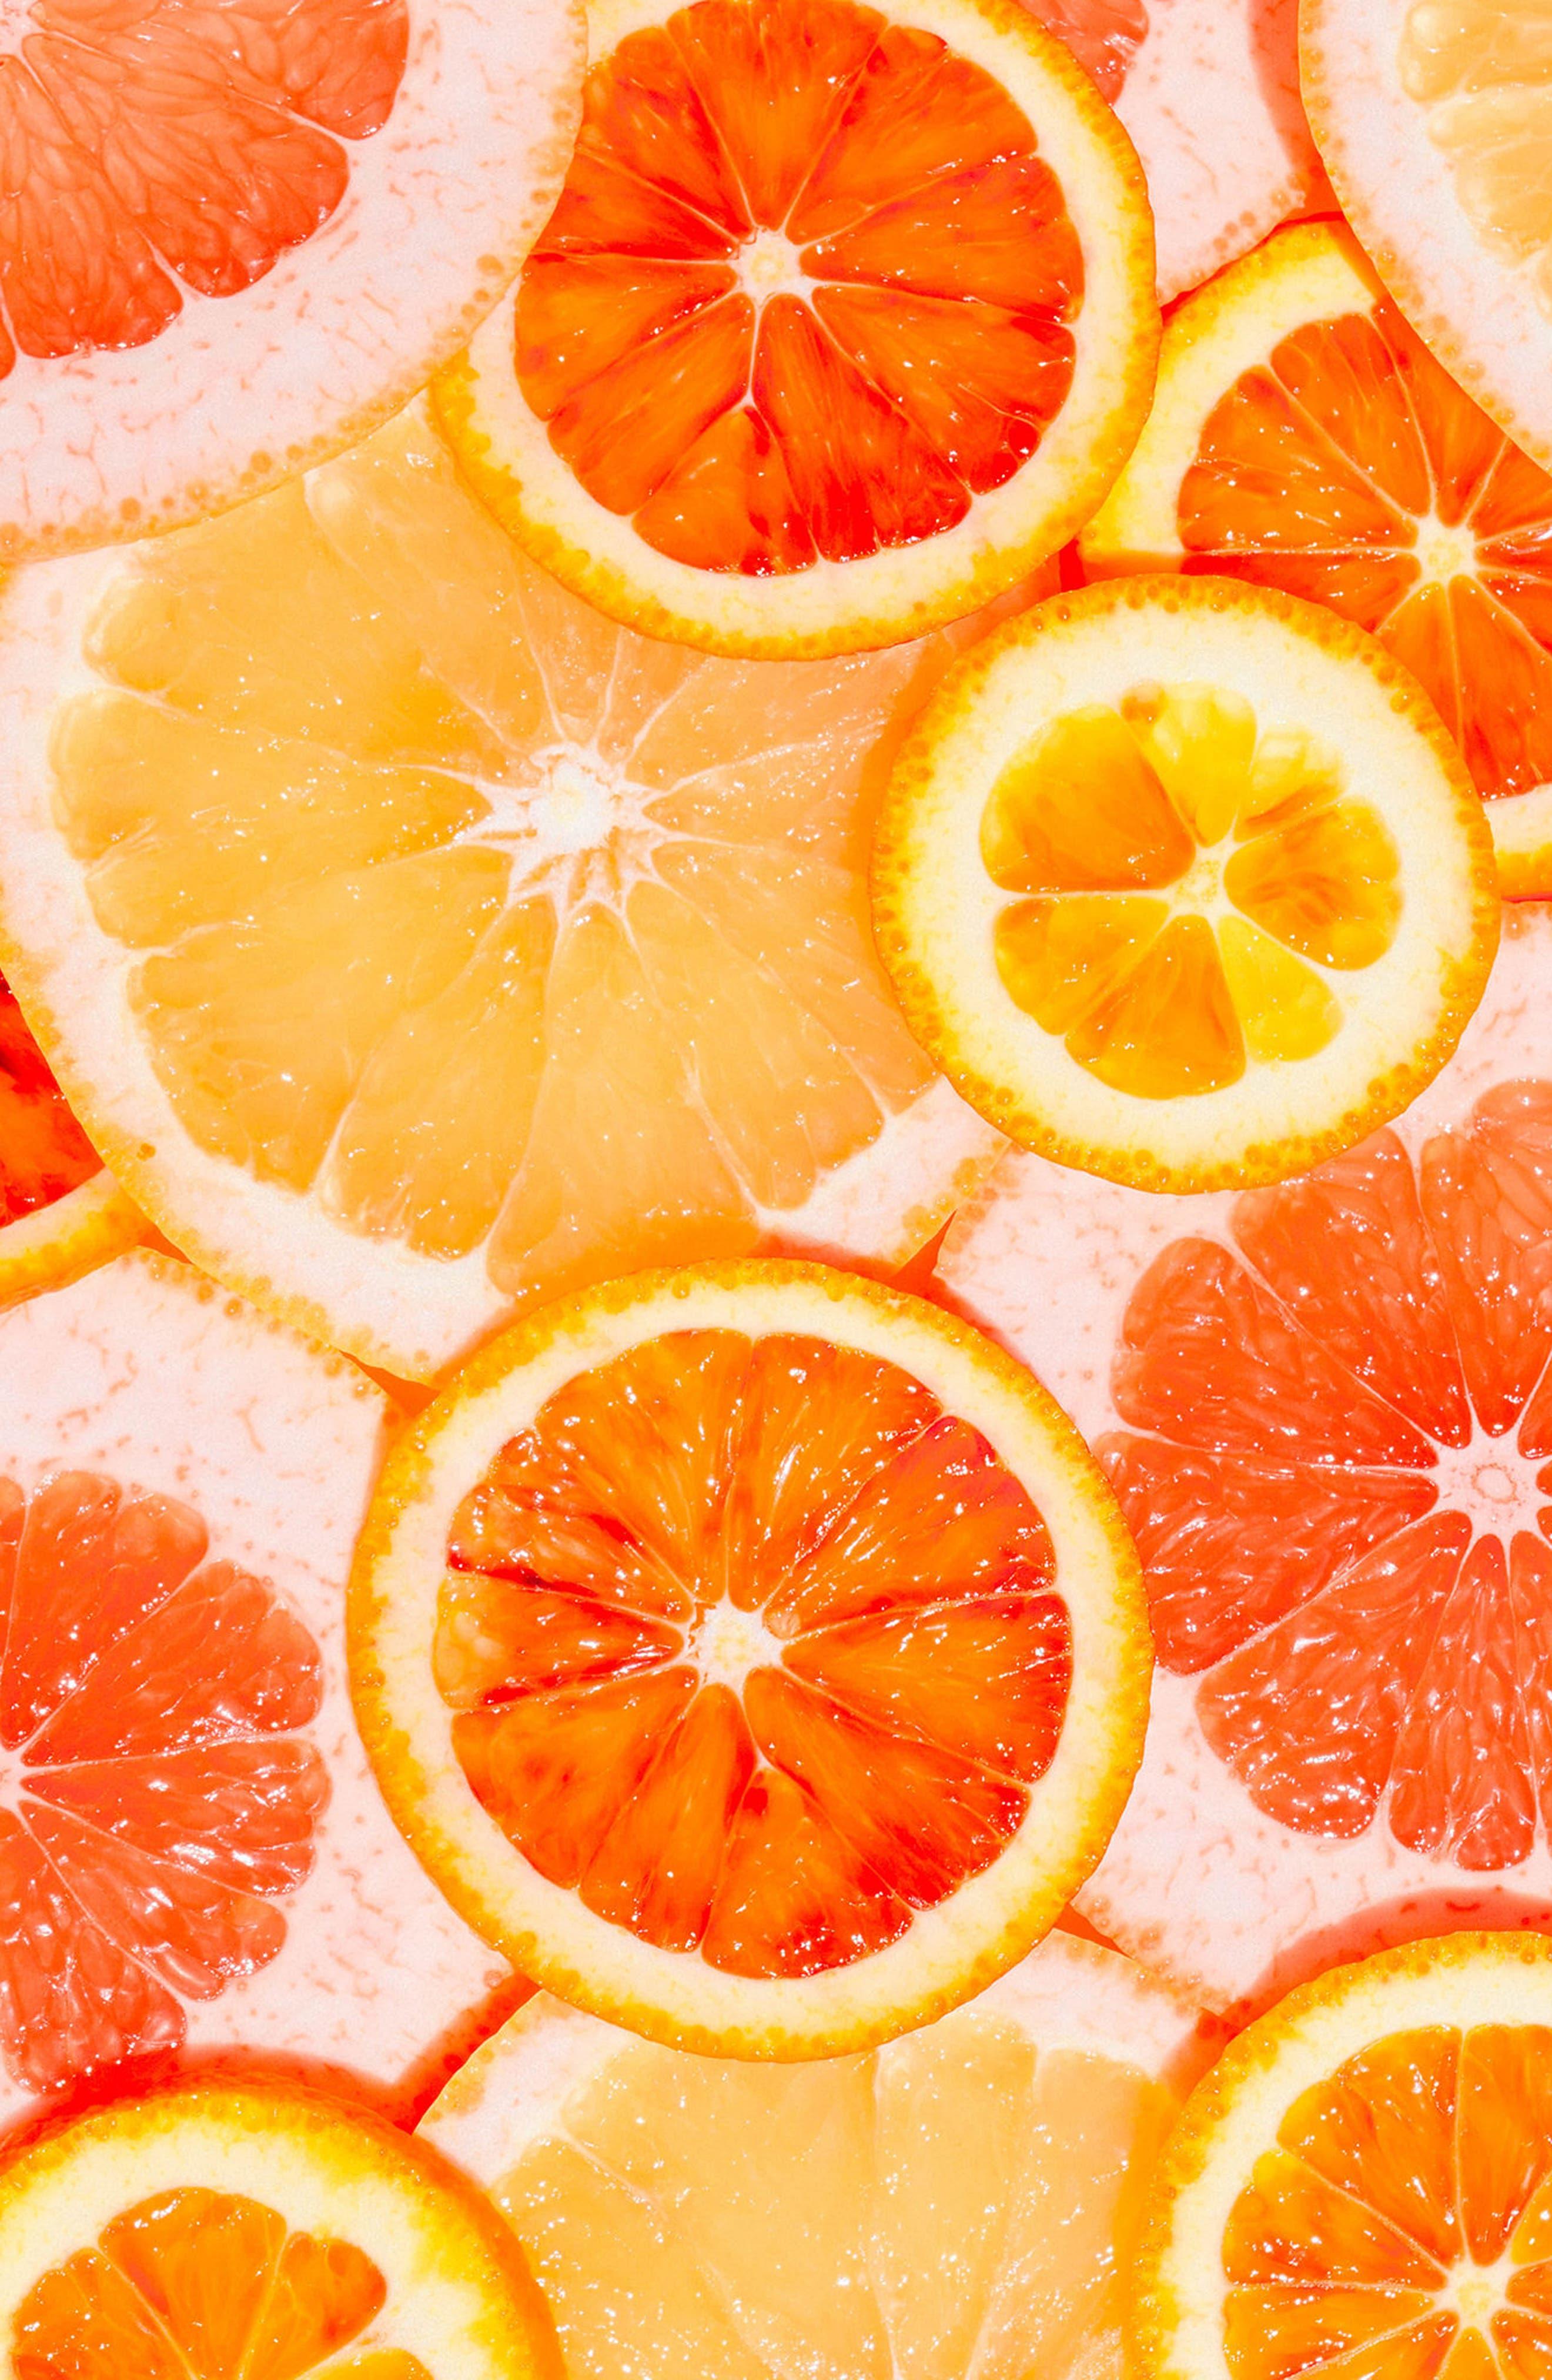 Alternate Image 3  - Indie Lee Grapefruit Citrus Nutrient Oil